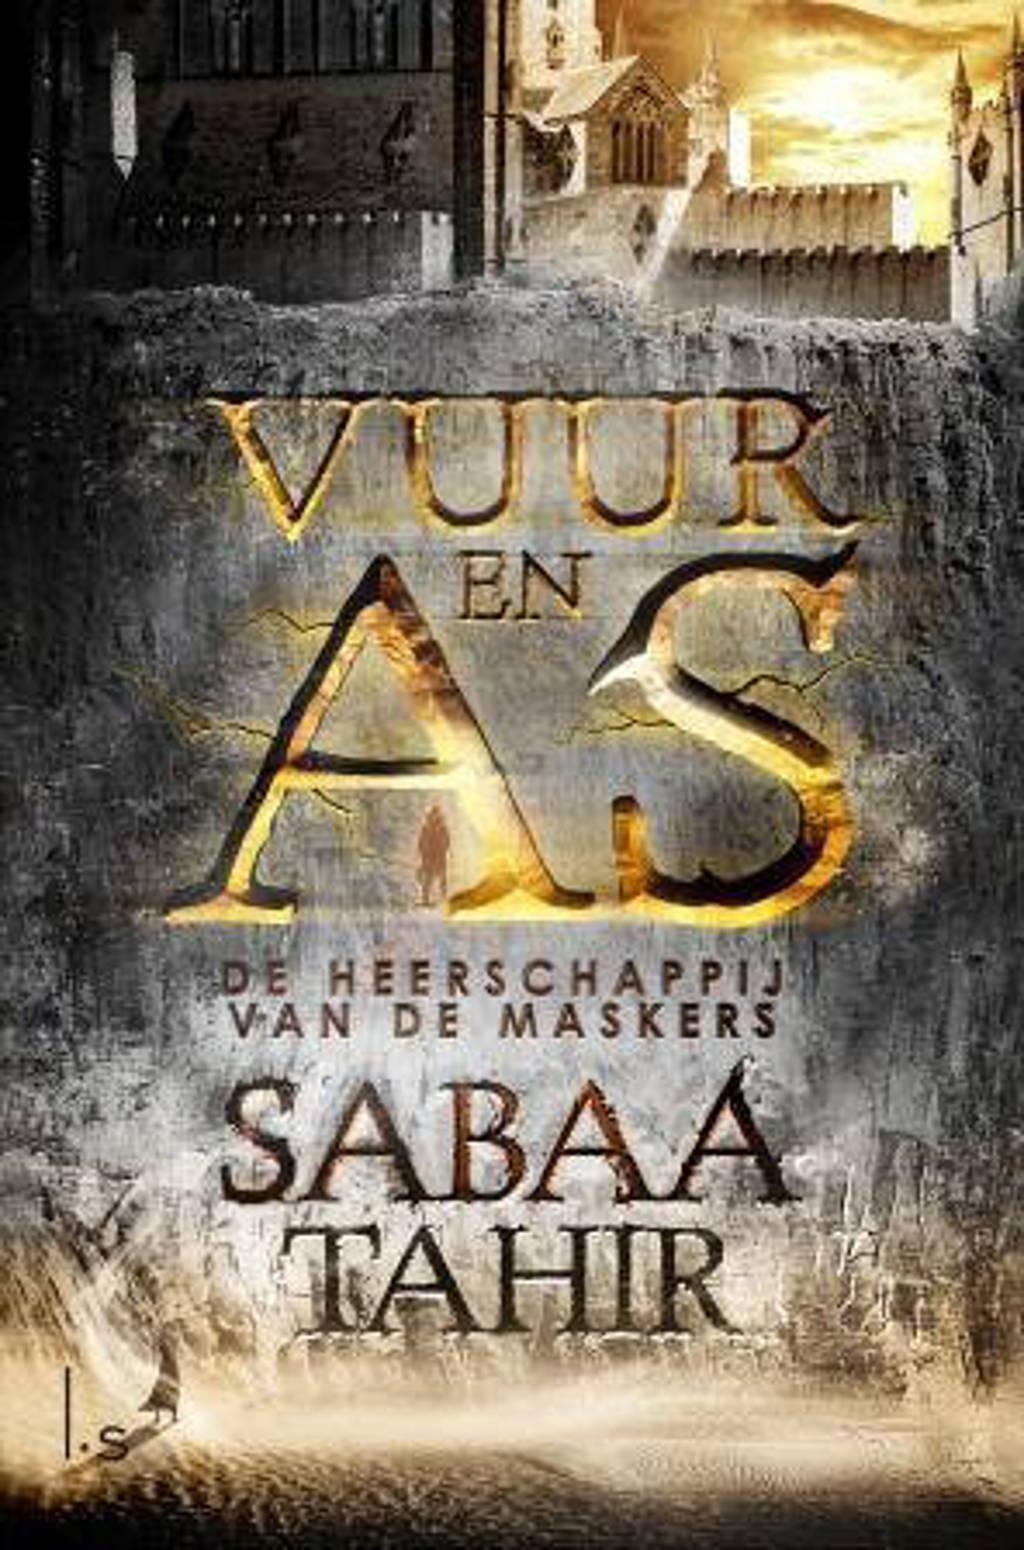 Vuur en as: De heerschappij van de maskers - Sabaa Tahir